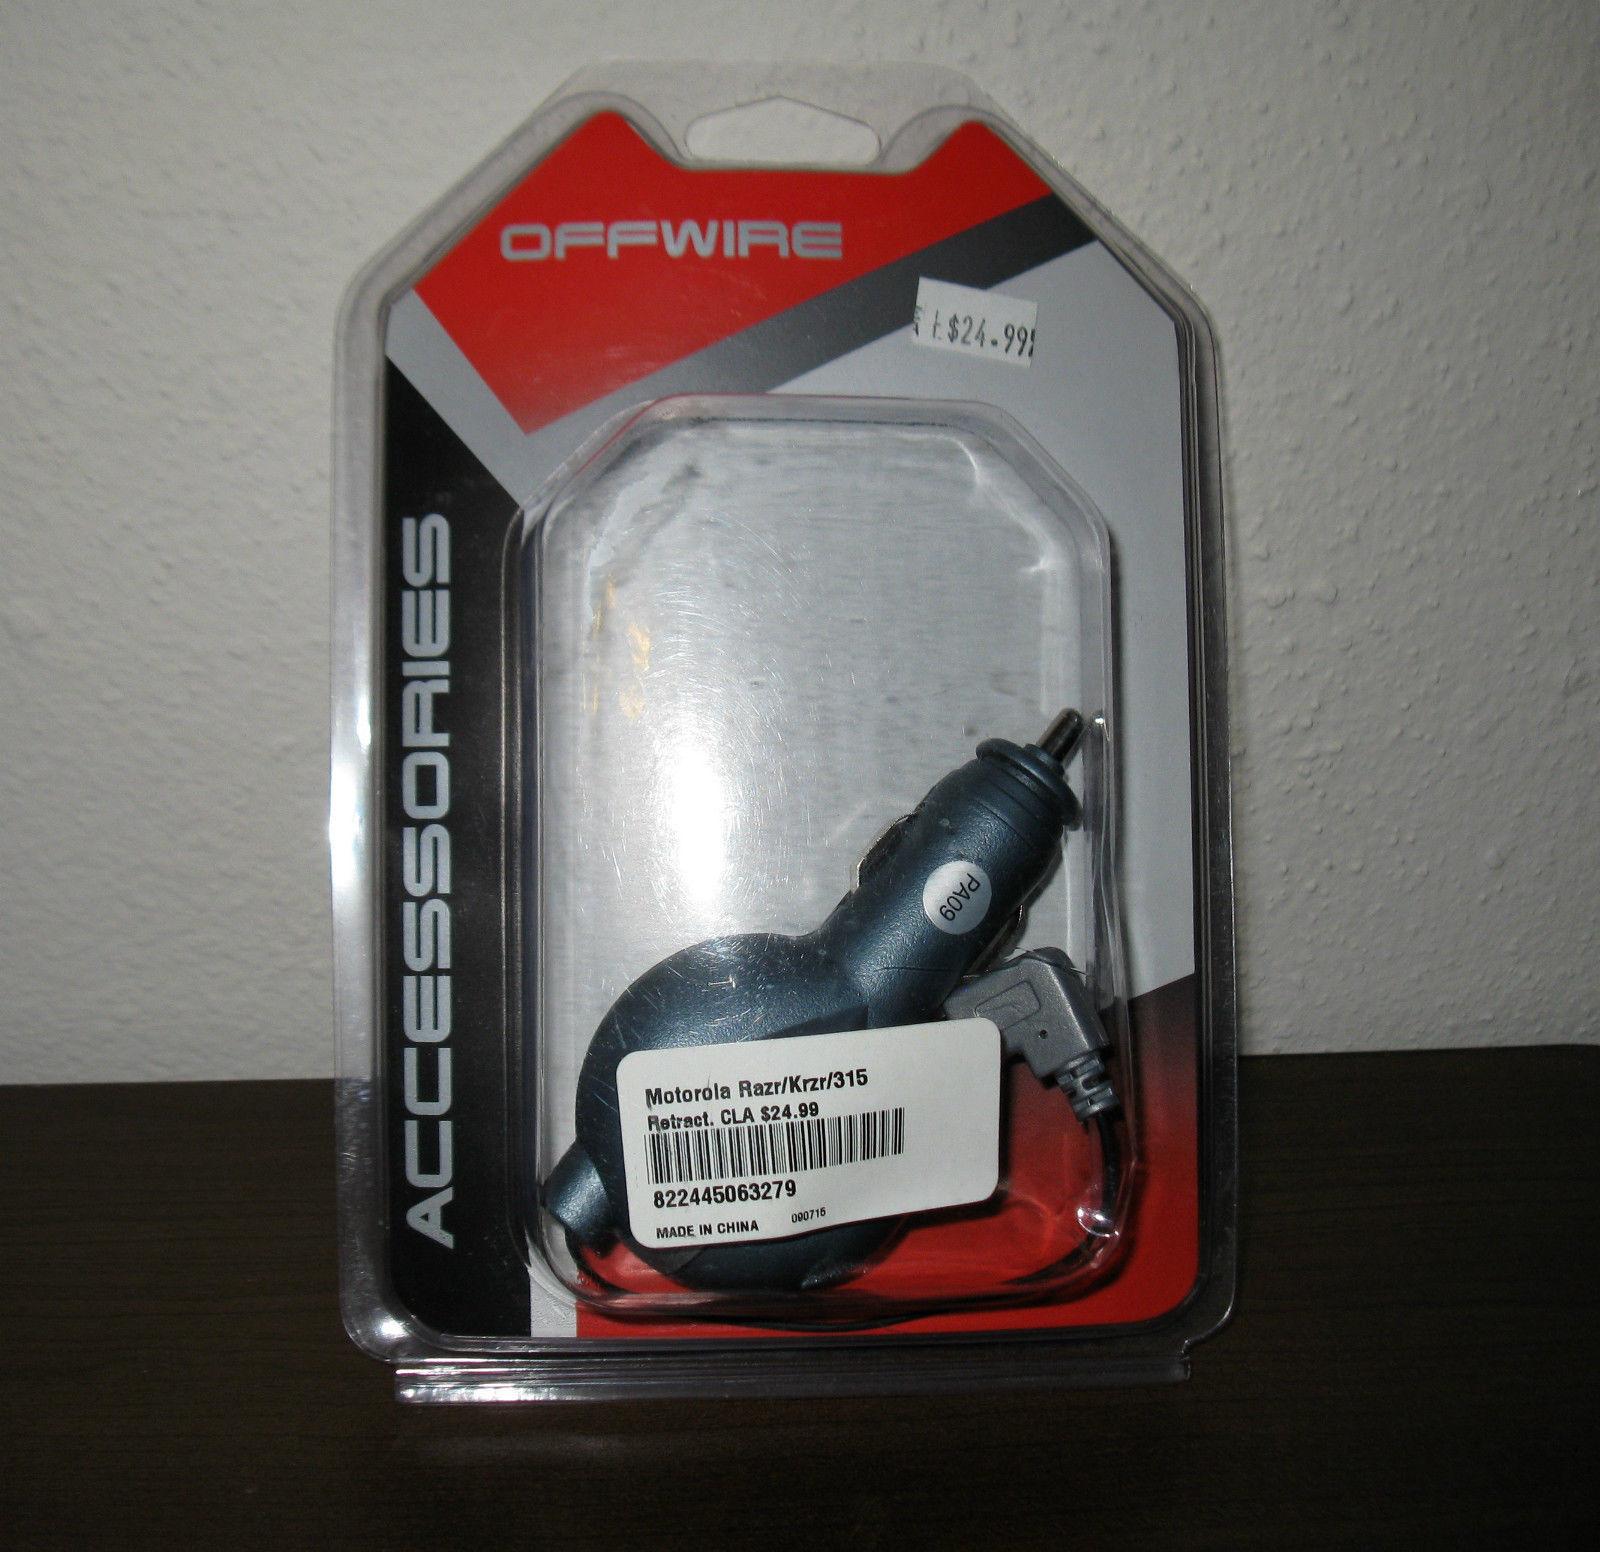 Wireless Phone Cigarette Charger For Motorola Razr, Krzr,315 Phone New #D35